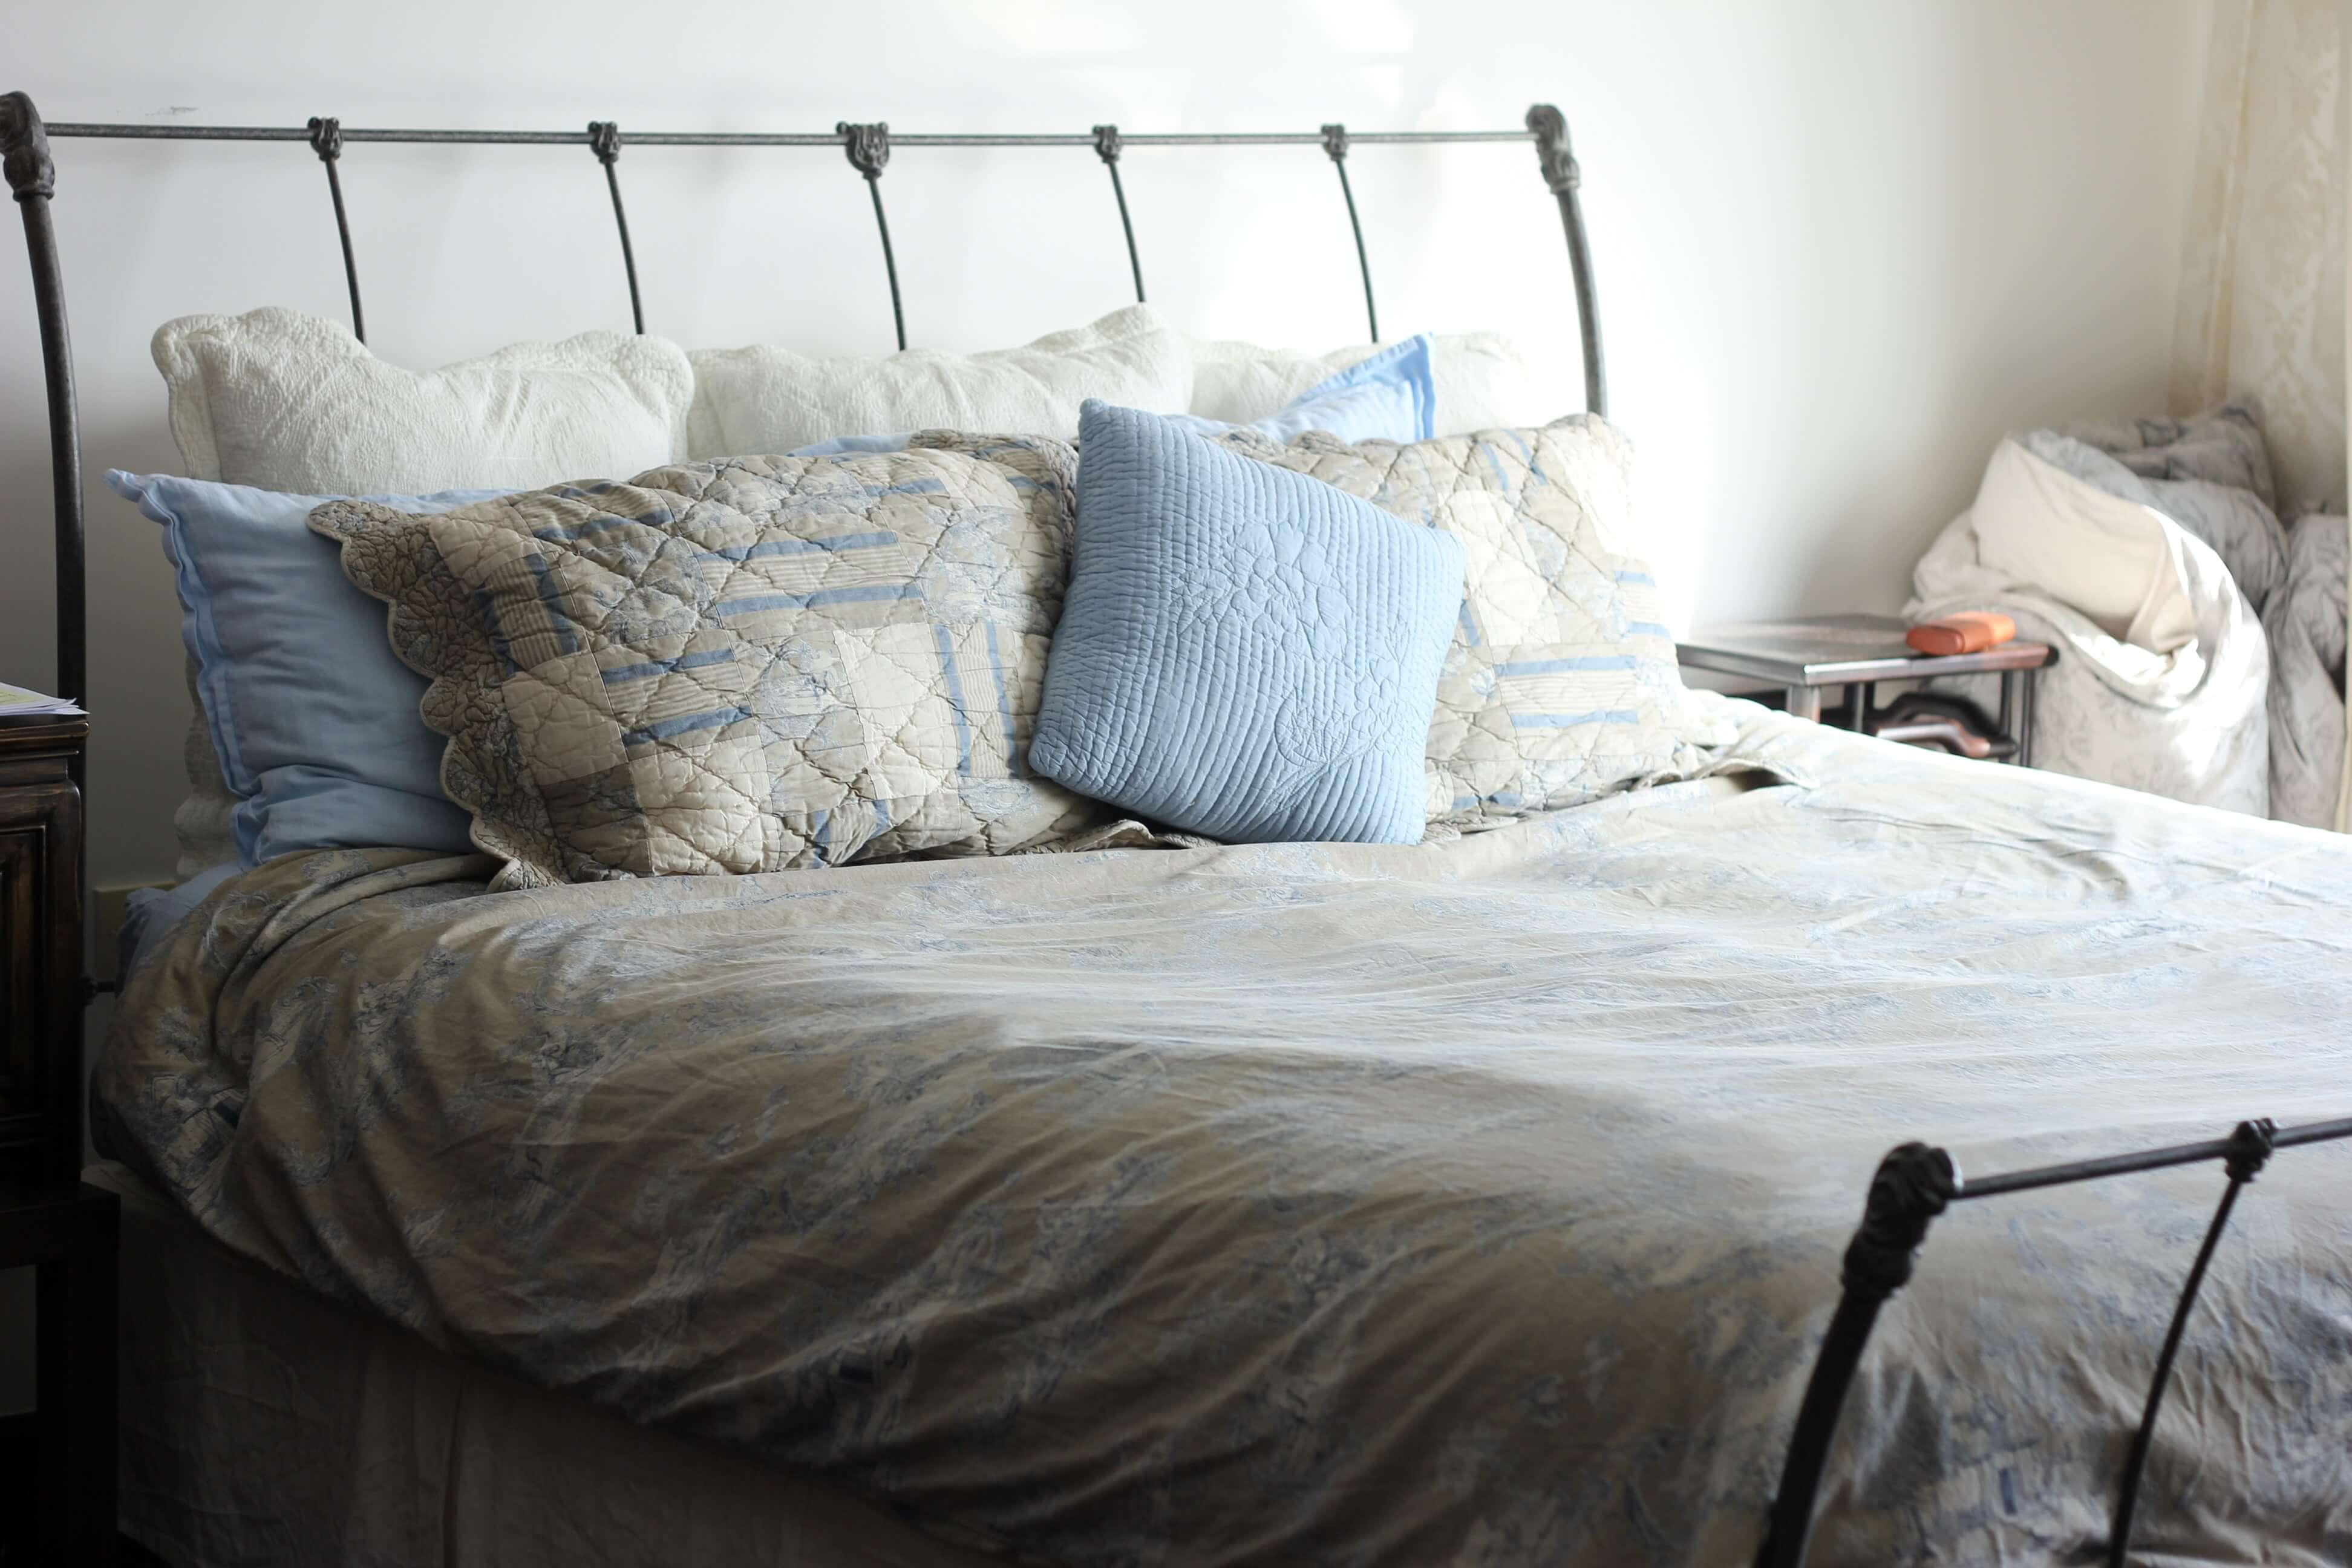 Ikea Slaapkamer Eenpersoonsbedden : Ikea slaapkamer eenpersoonsbedden u artsmedia